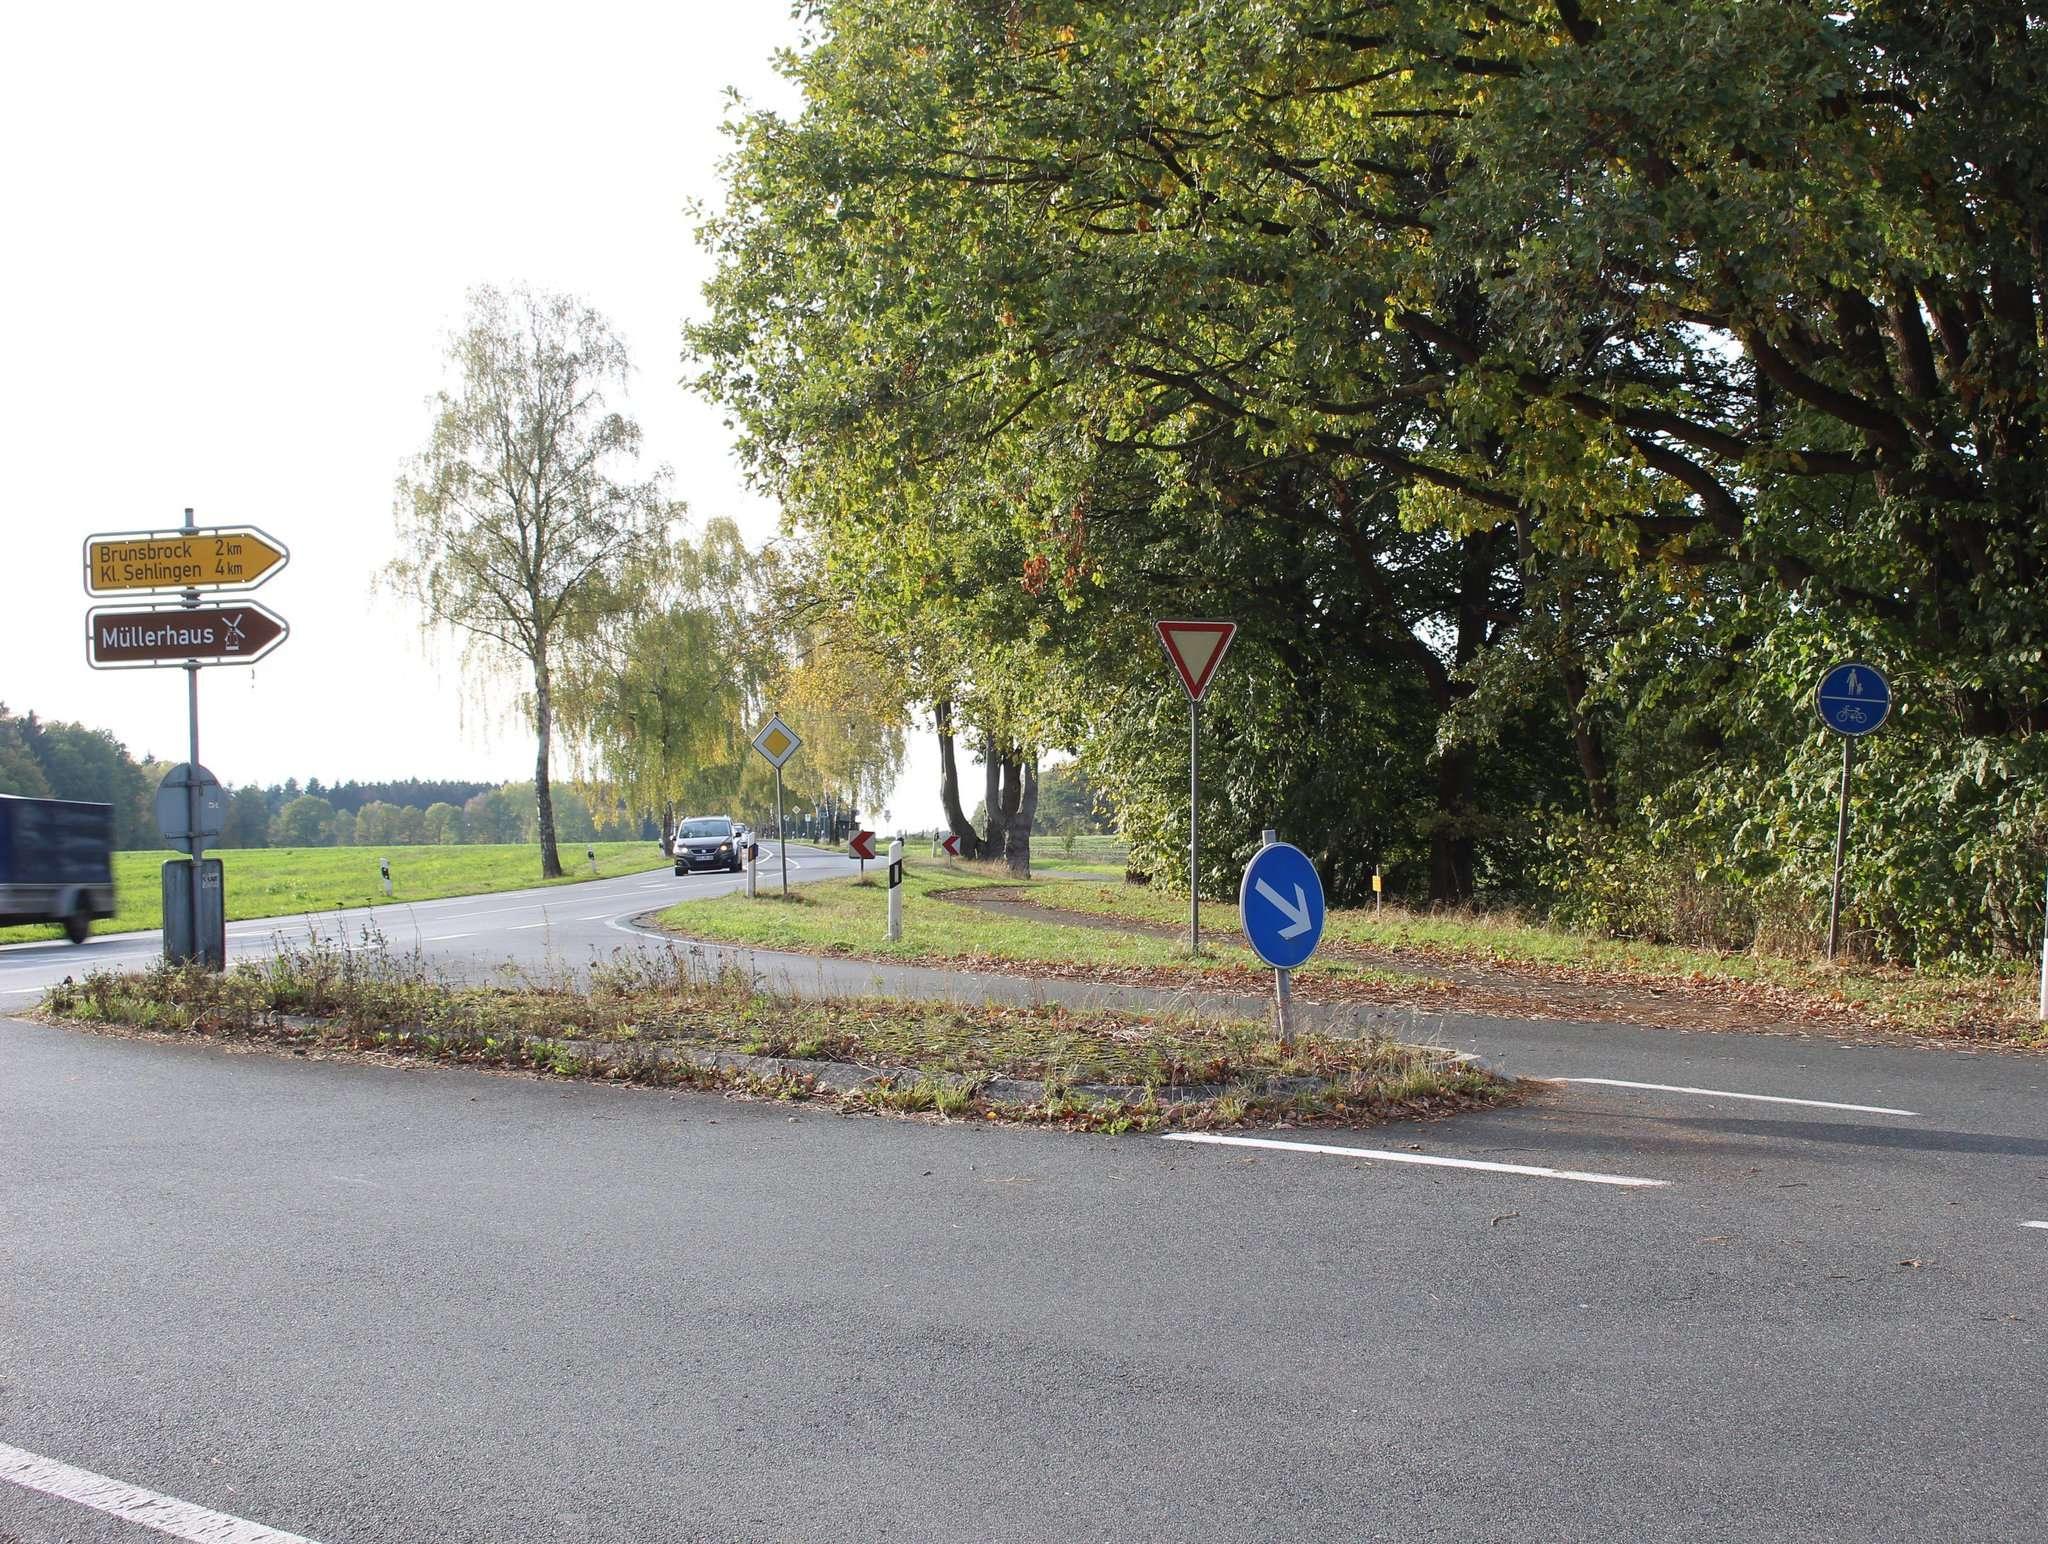 An der Kreuzung nach Brunsbrock bei Kirchlinteln endet der Radweg entlang der L171 bisher. Das soll sich bald ändern, wenn es nach der IG geht. Foto: Henning Leeske